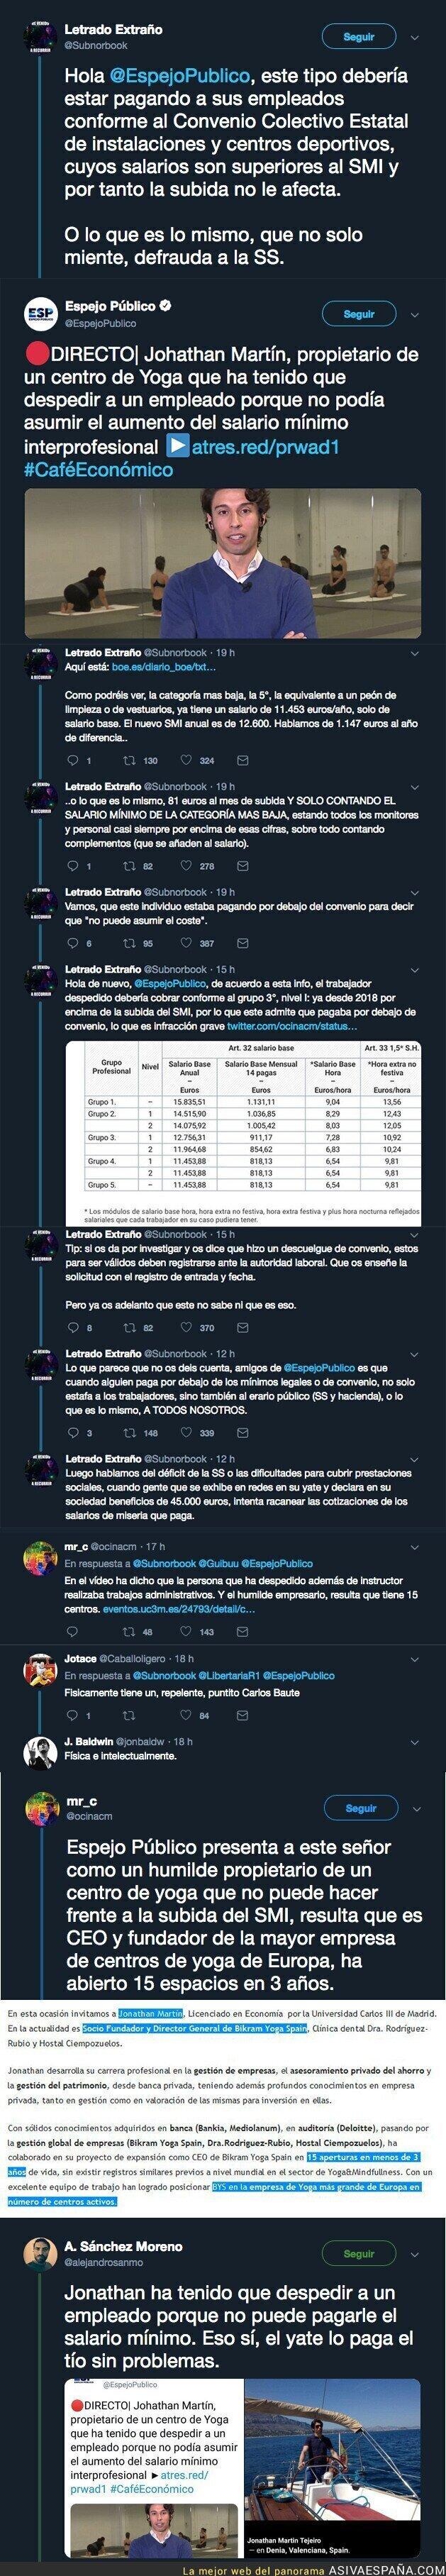 104118 - 'Espejo Público' entrevista a esta persona que dice no poder pagar el 'salario mínimo' de 900€ y Twitter descubre la gran mentira de Antena 3